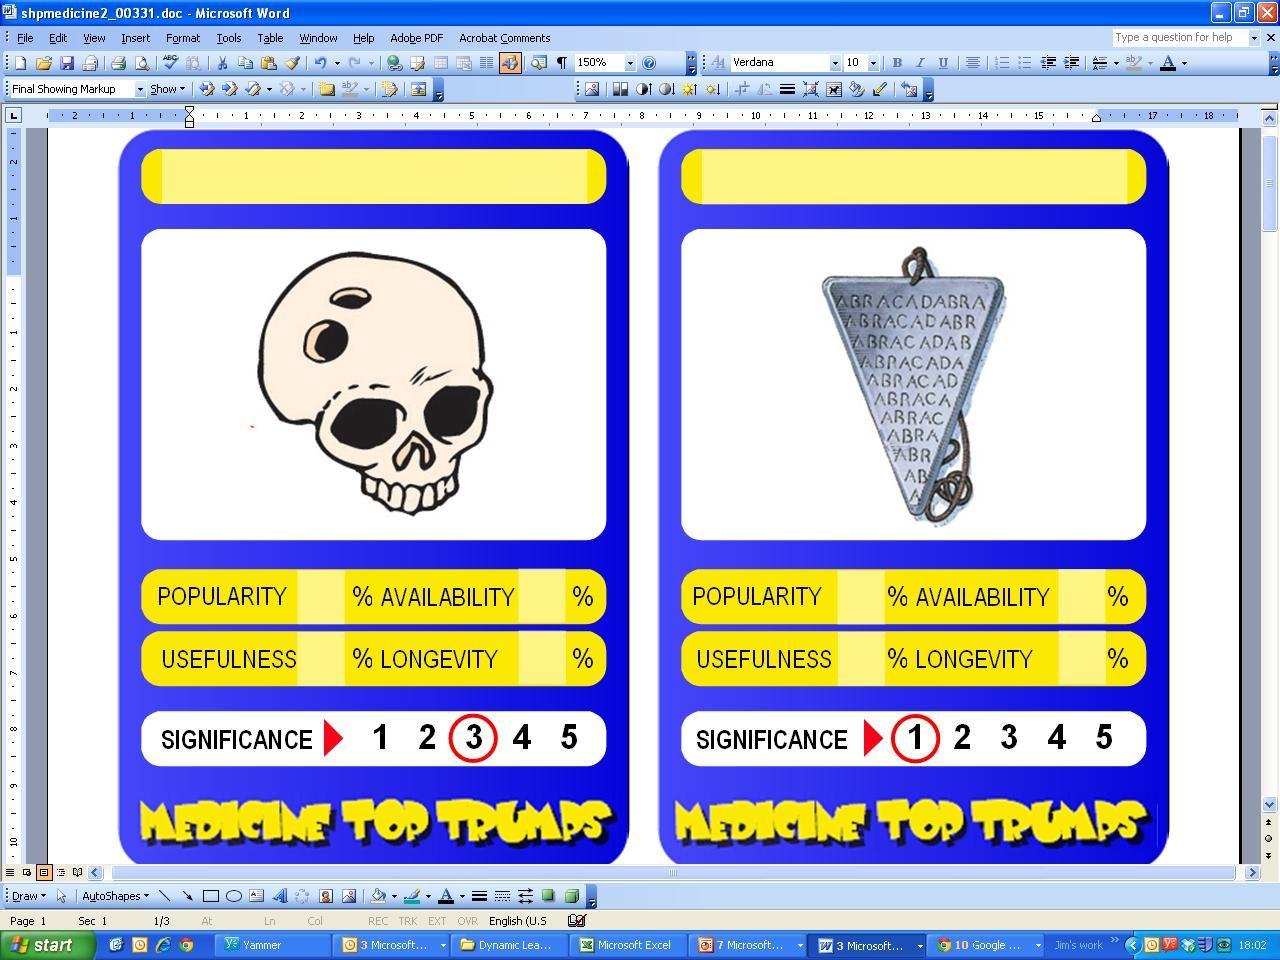 medicine top trumps revision cards word template  medicine top trumps revision cards word template